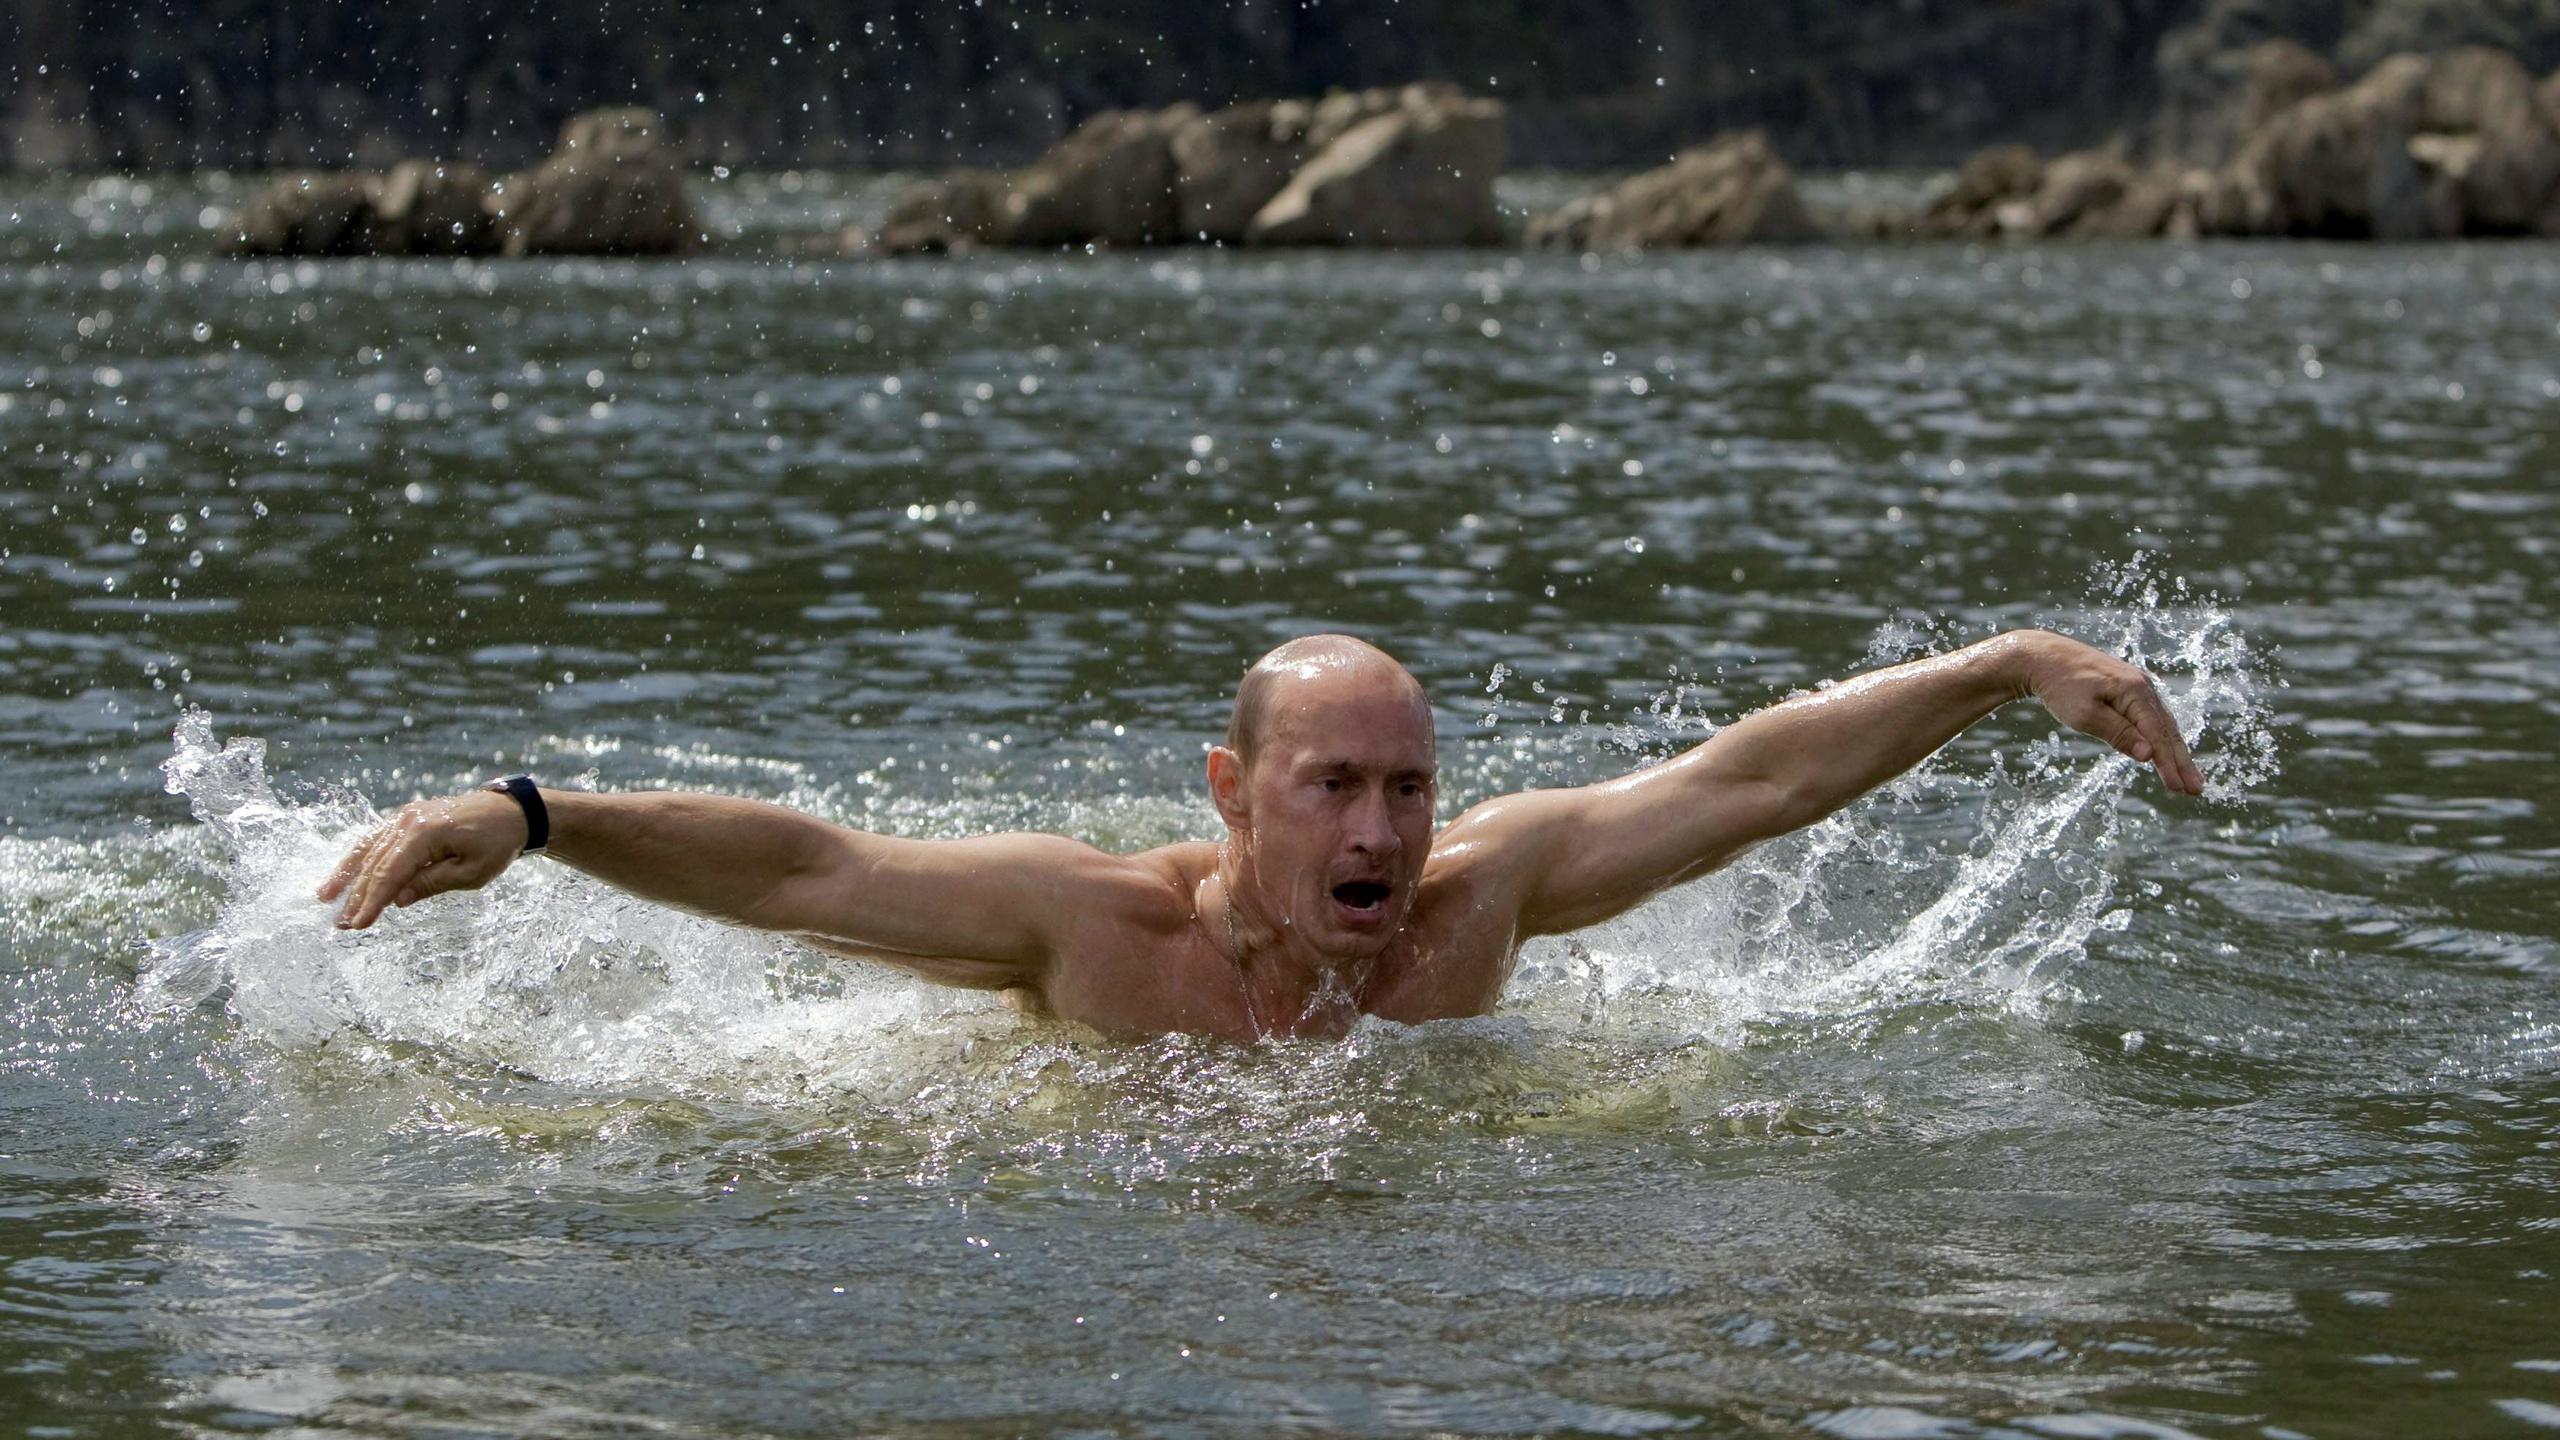 Начальник купается в бассейне с оголенными работницами  440679